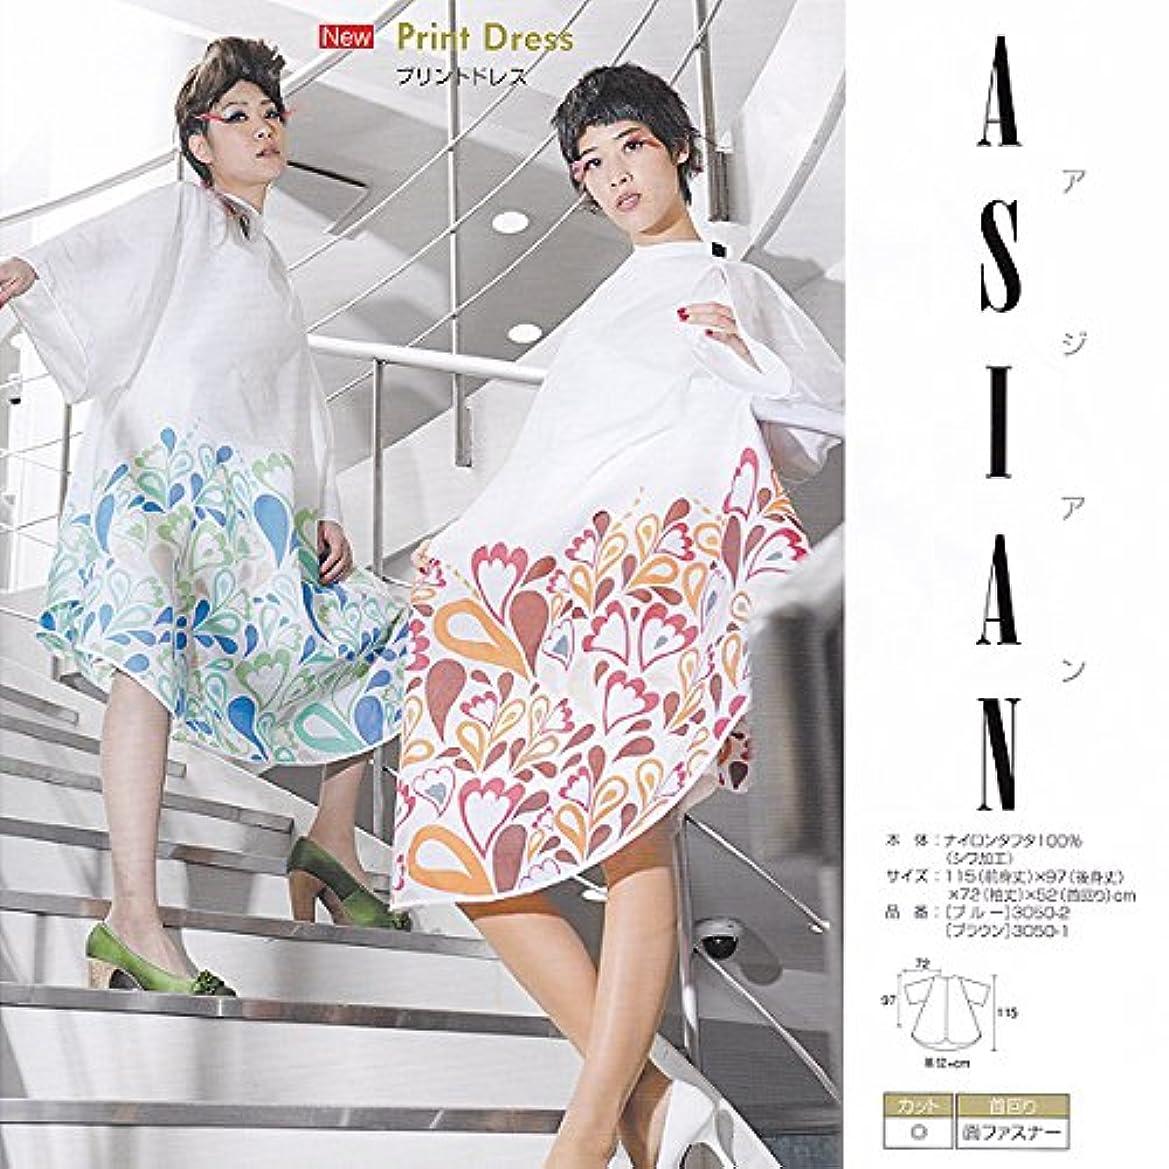 パーフェルビッド常に教育WAKO ASIAN アジアンプリントドレス №3050 3050-2(アジアンブルー) 115(前身丈)×97(後身丈)×72(袖丈)×52(首回リ)